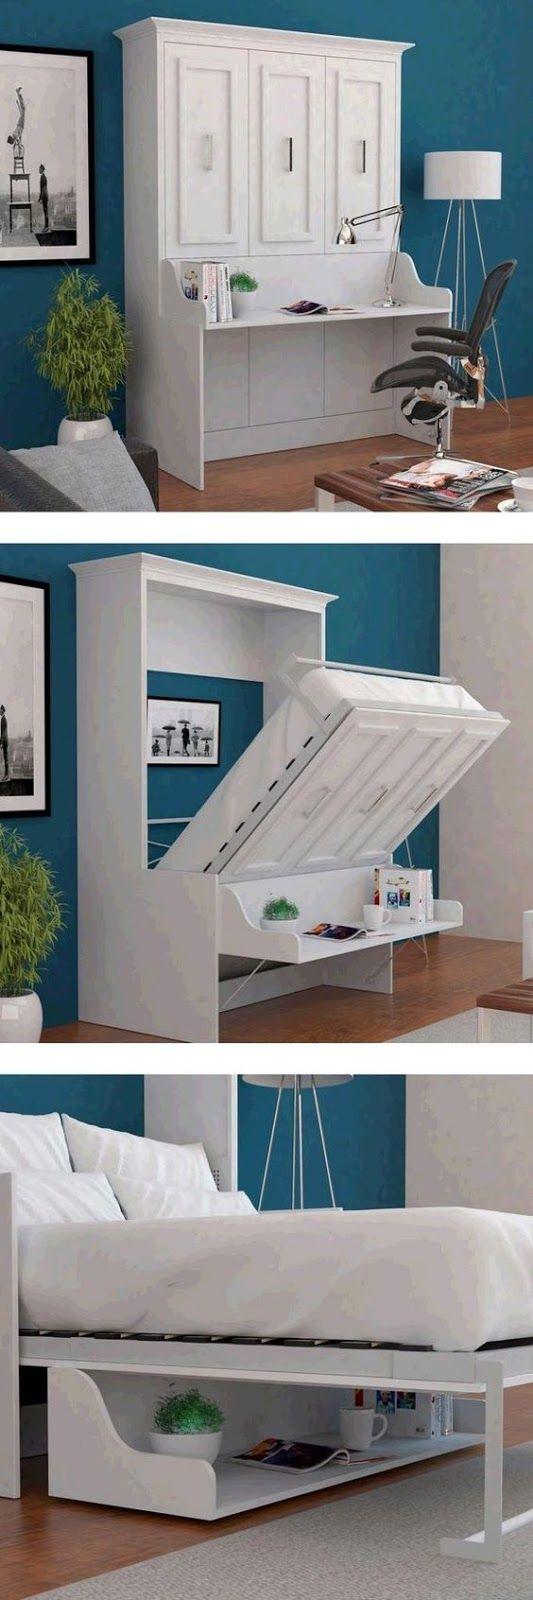 Soluzioni per un letto salvaspazio 20 idee lasciatevi for Bureau of the hidden ones